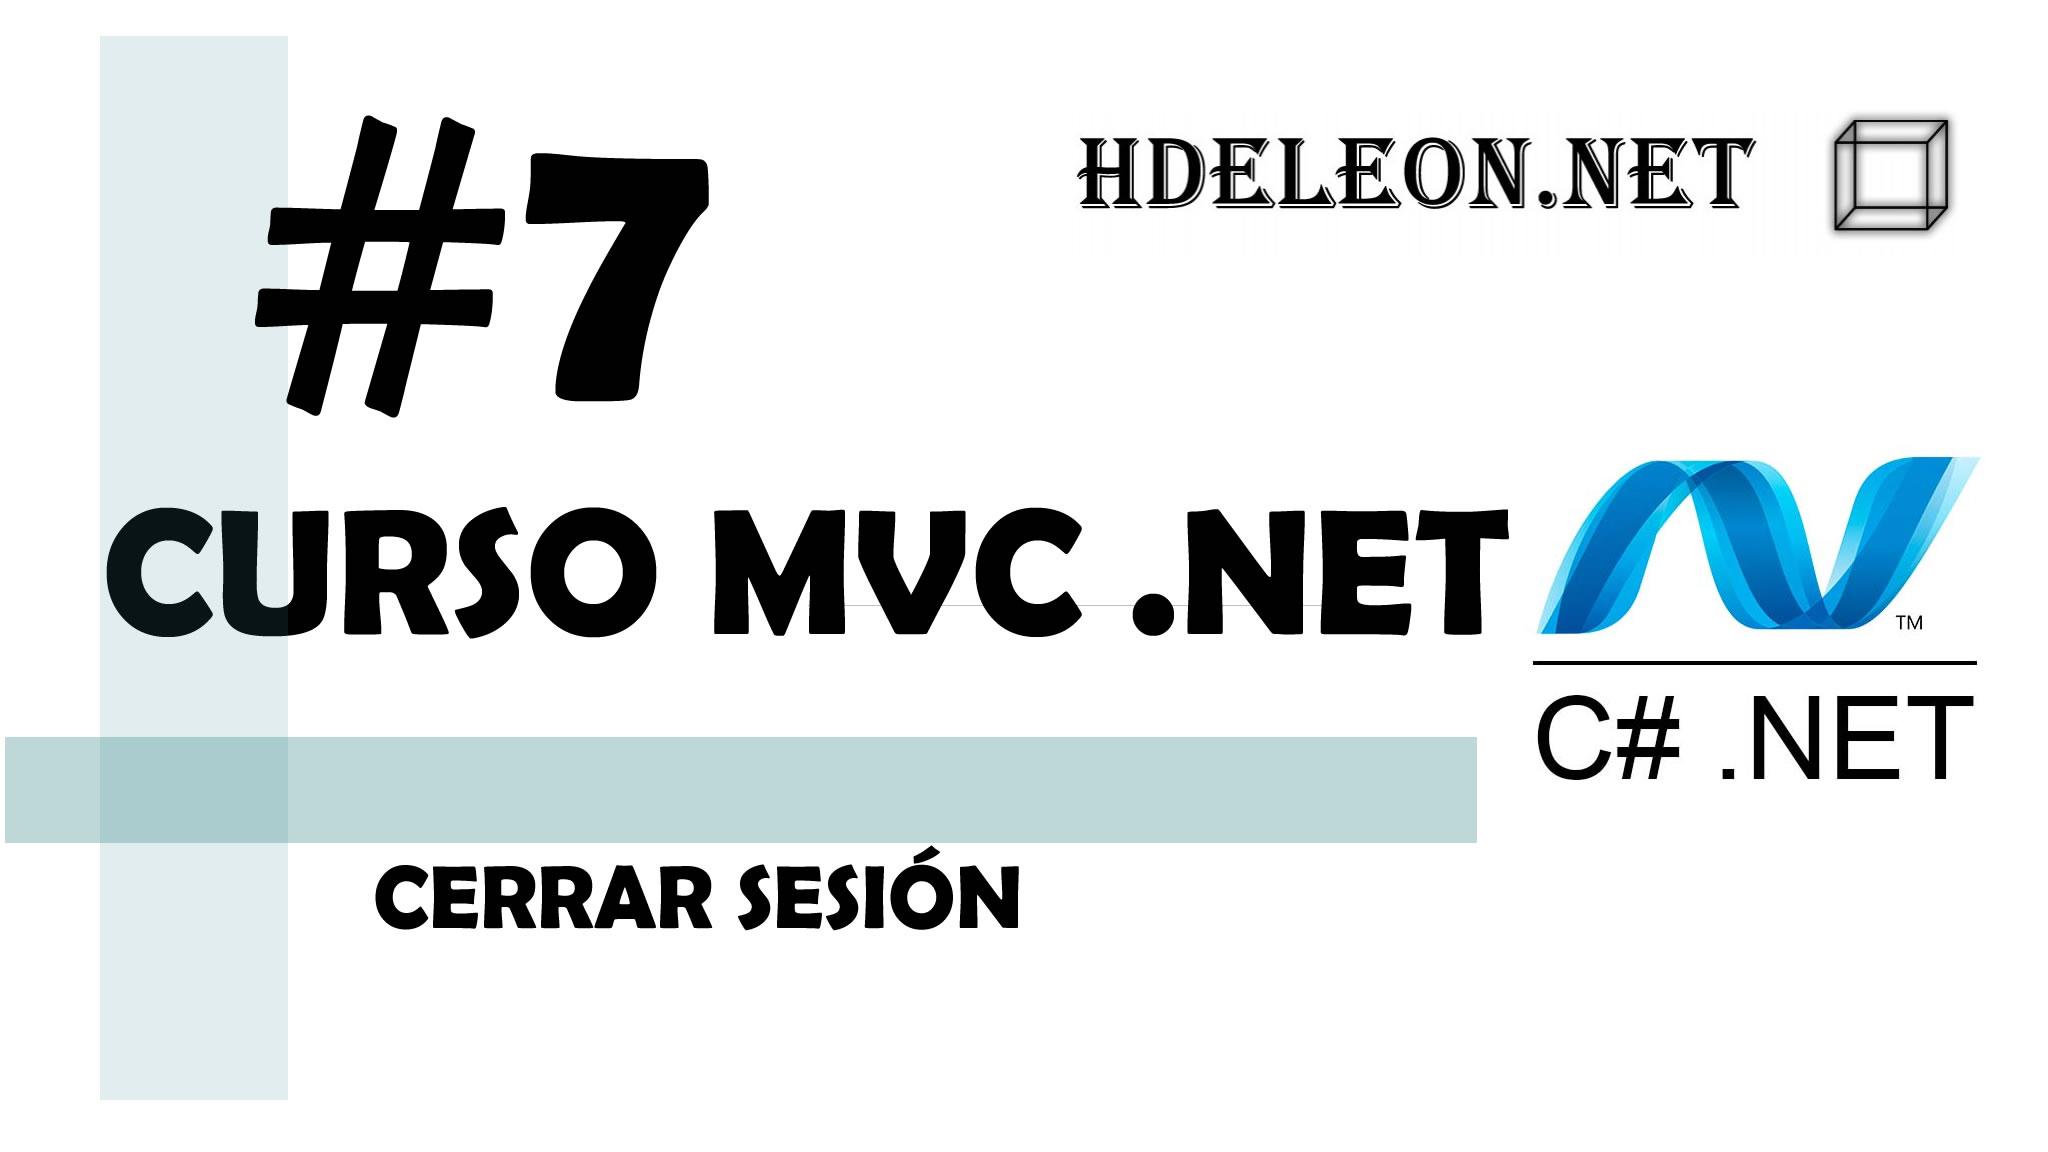 Curso de MVC .Net C#, Cerrar sesión, #7